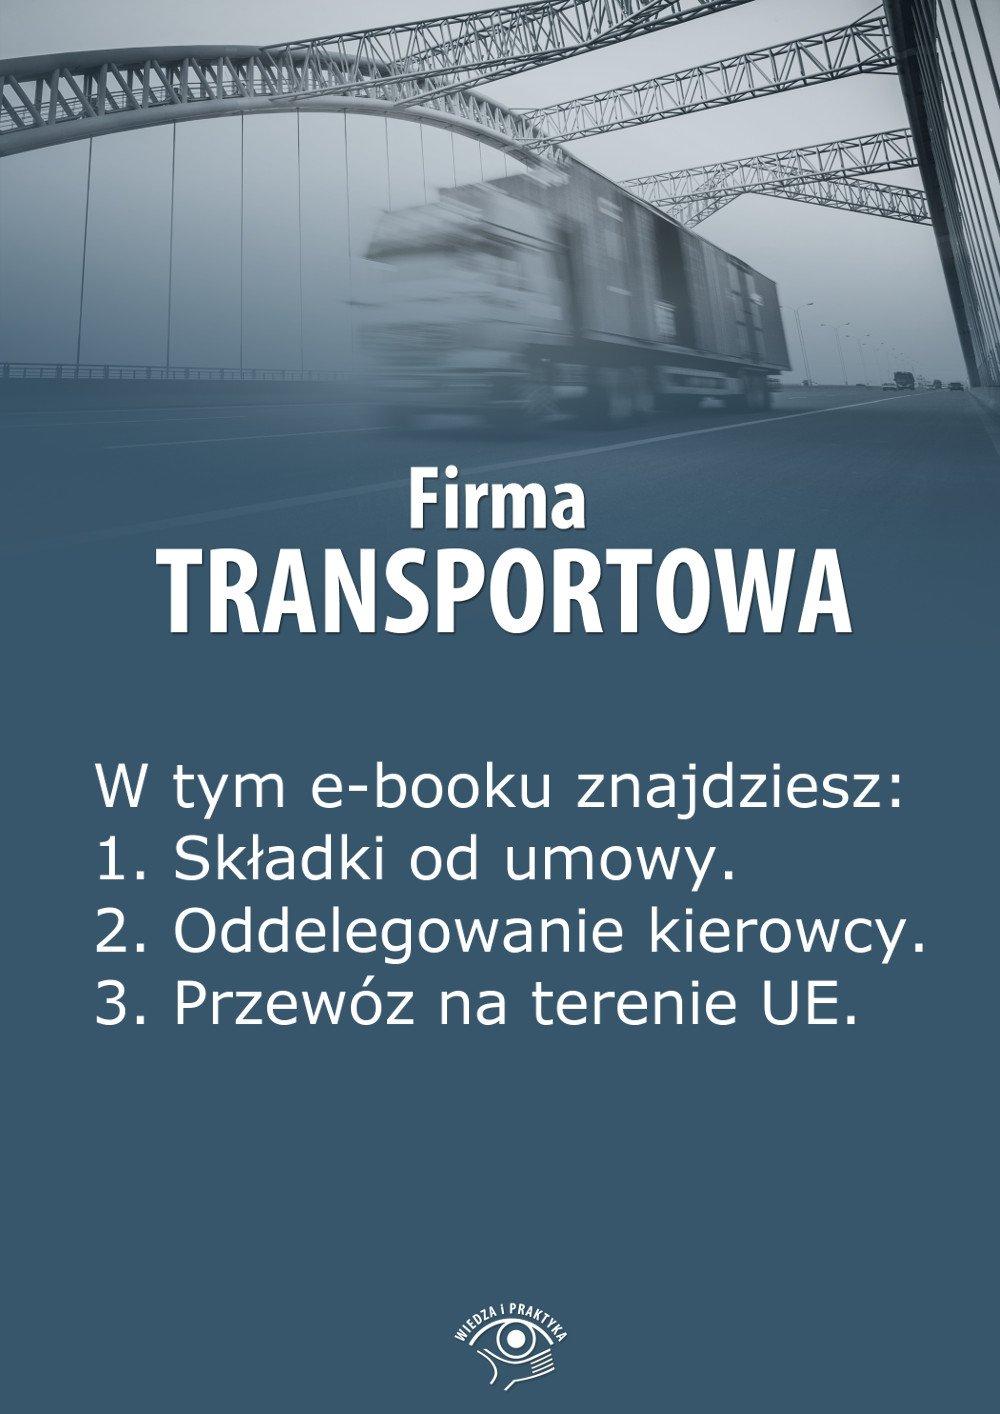 Firma transportowa. Wydanie kwiecień 2014 r. - Ebook (Książka EPUB) do pobrania w formacie EPUB